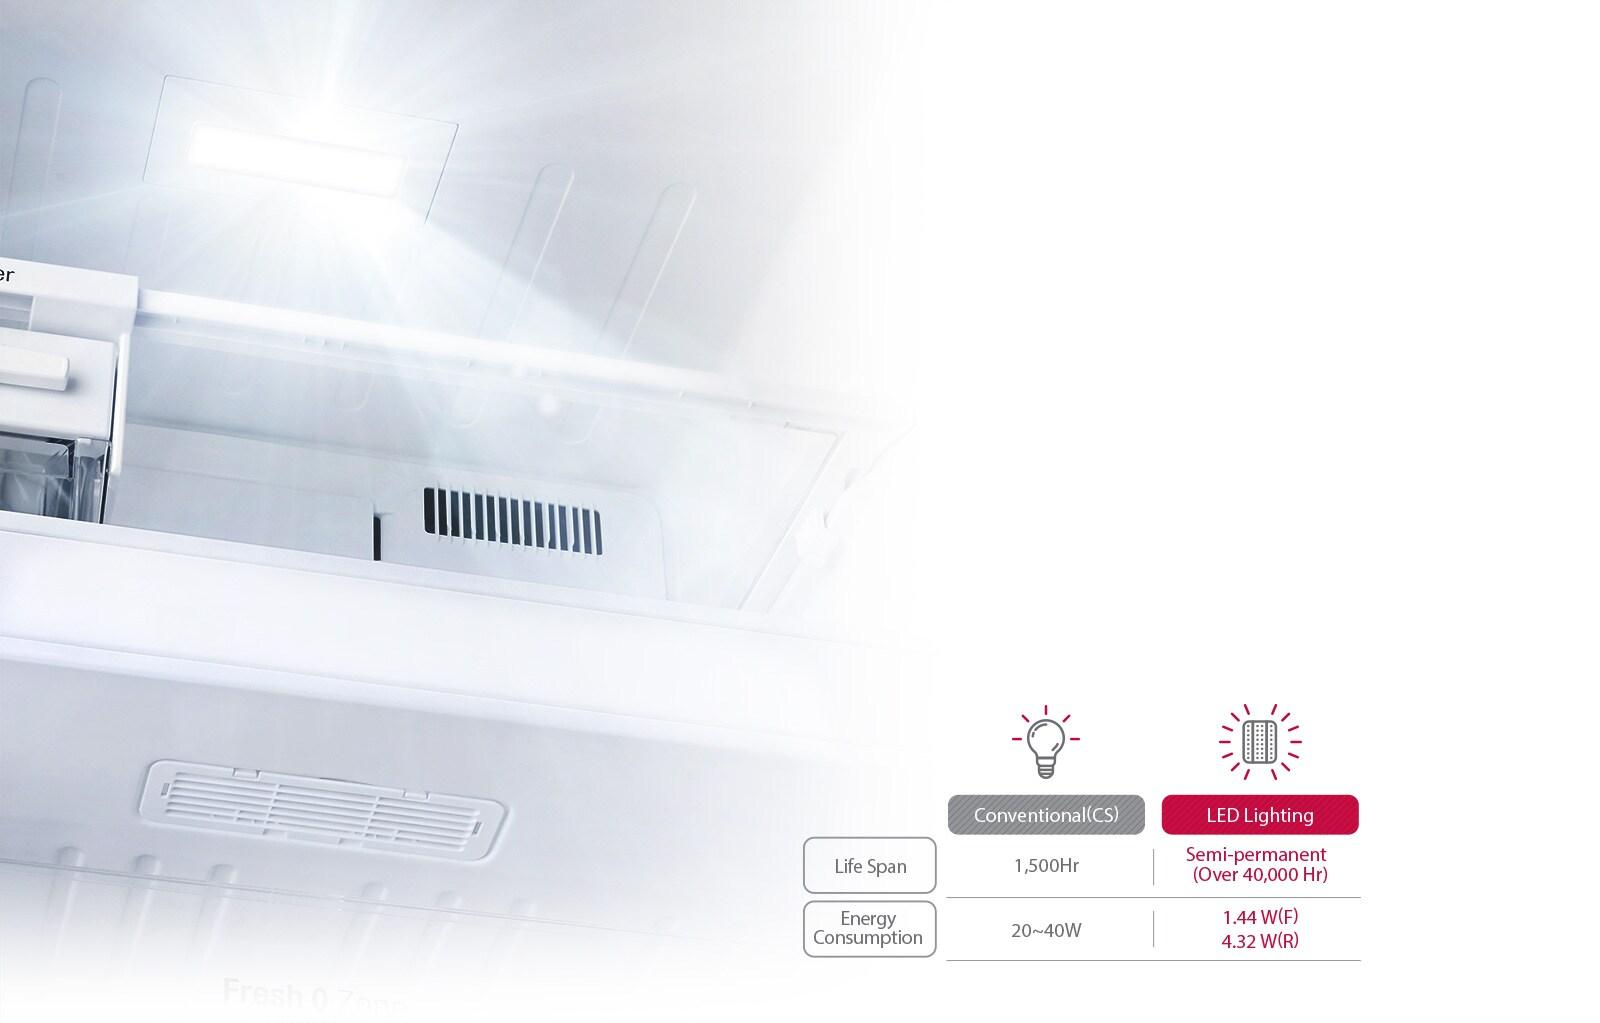 LG GL-T292SRG3 260 Ltr LED Lighting